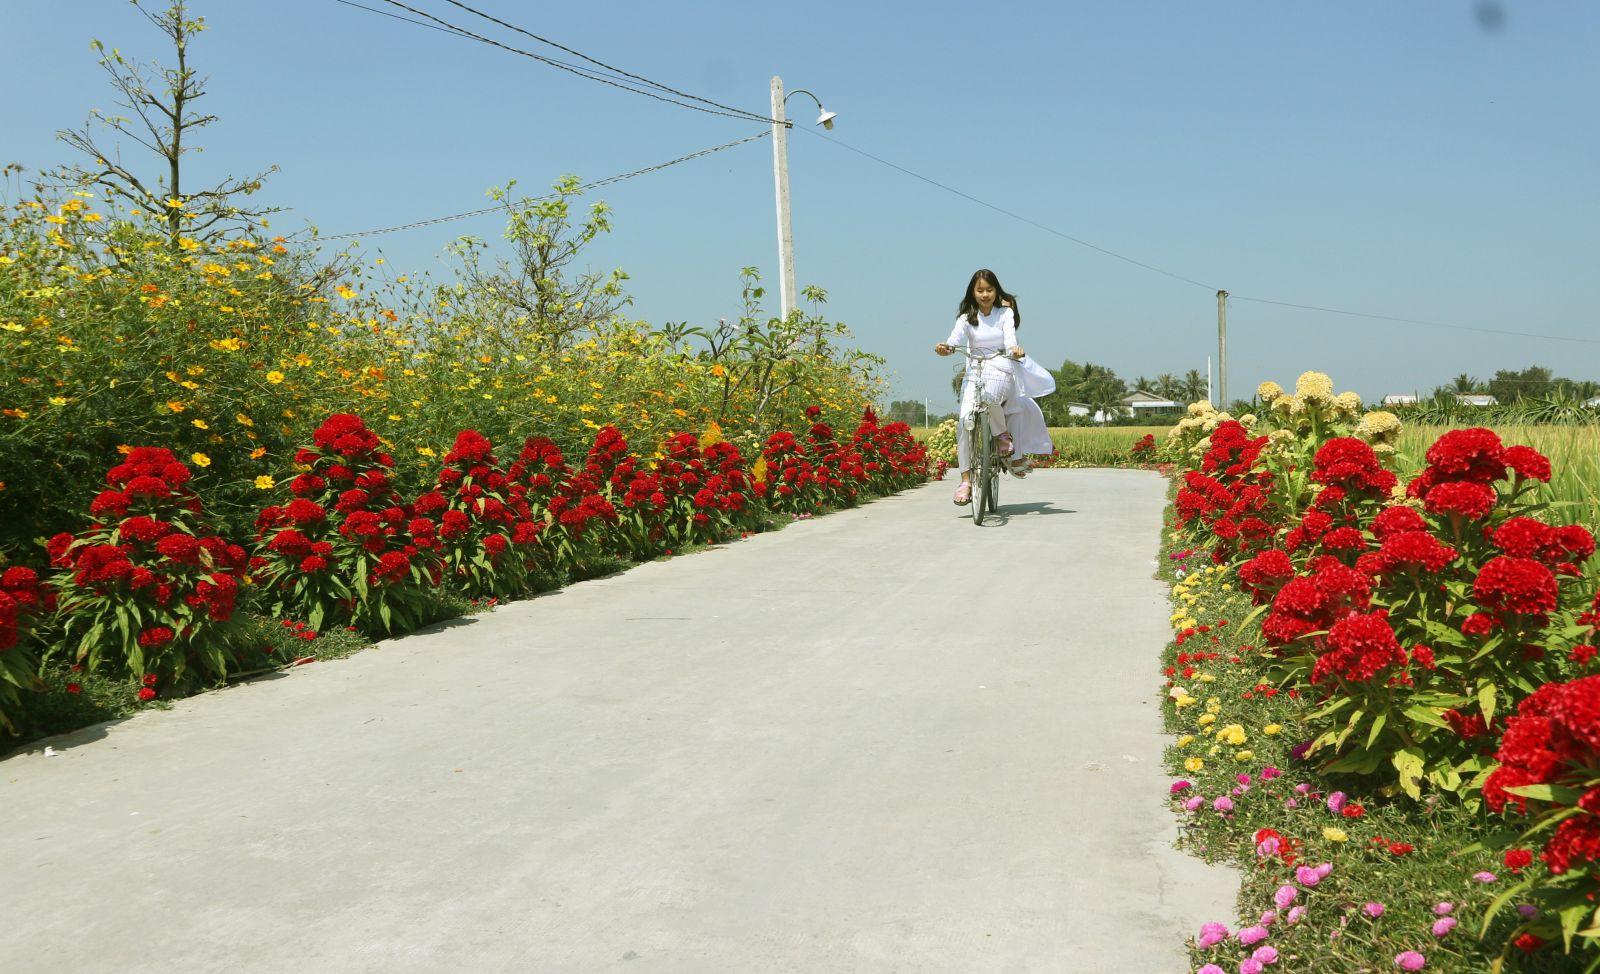 Nhờ làm tốt công tác dân vận, diện mạo nông thôn Tân Phước Tây có nhiều đổi mới